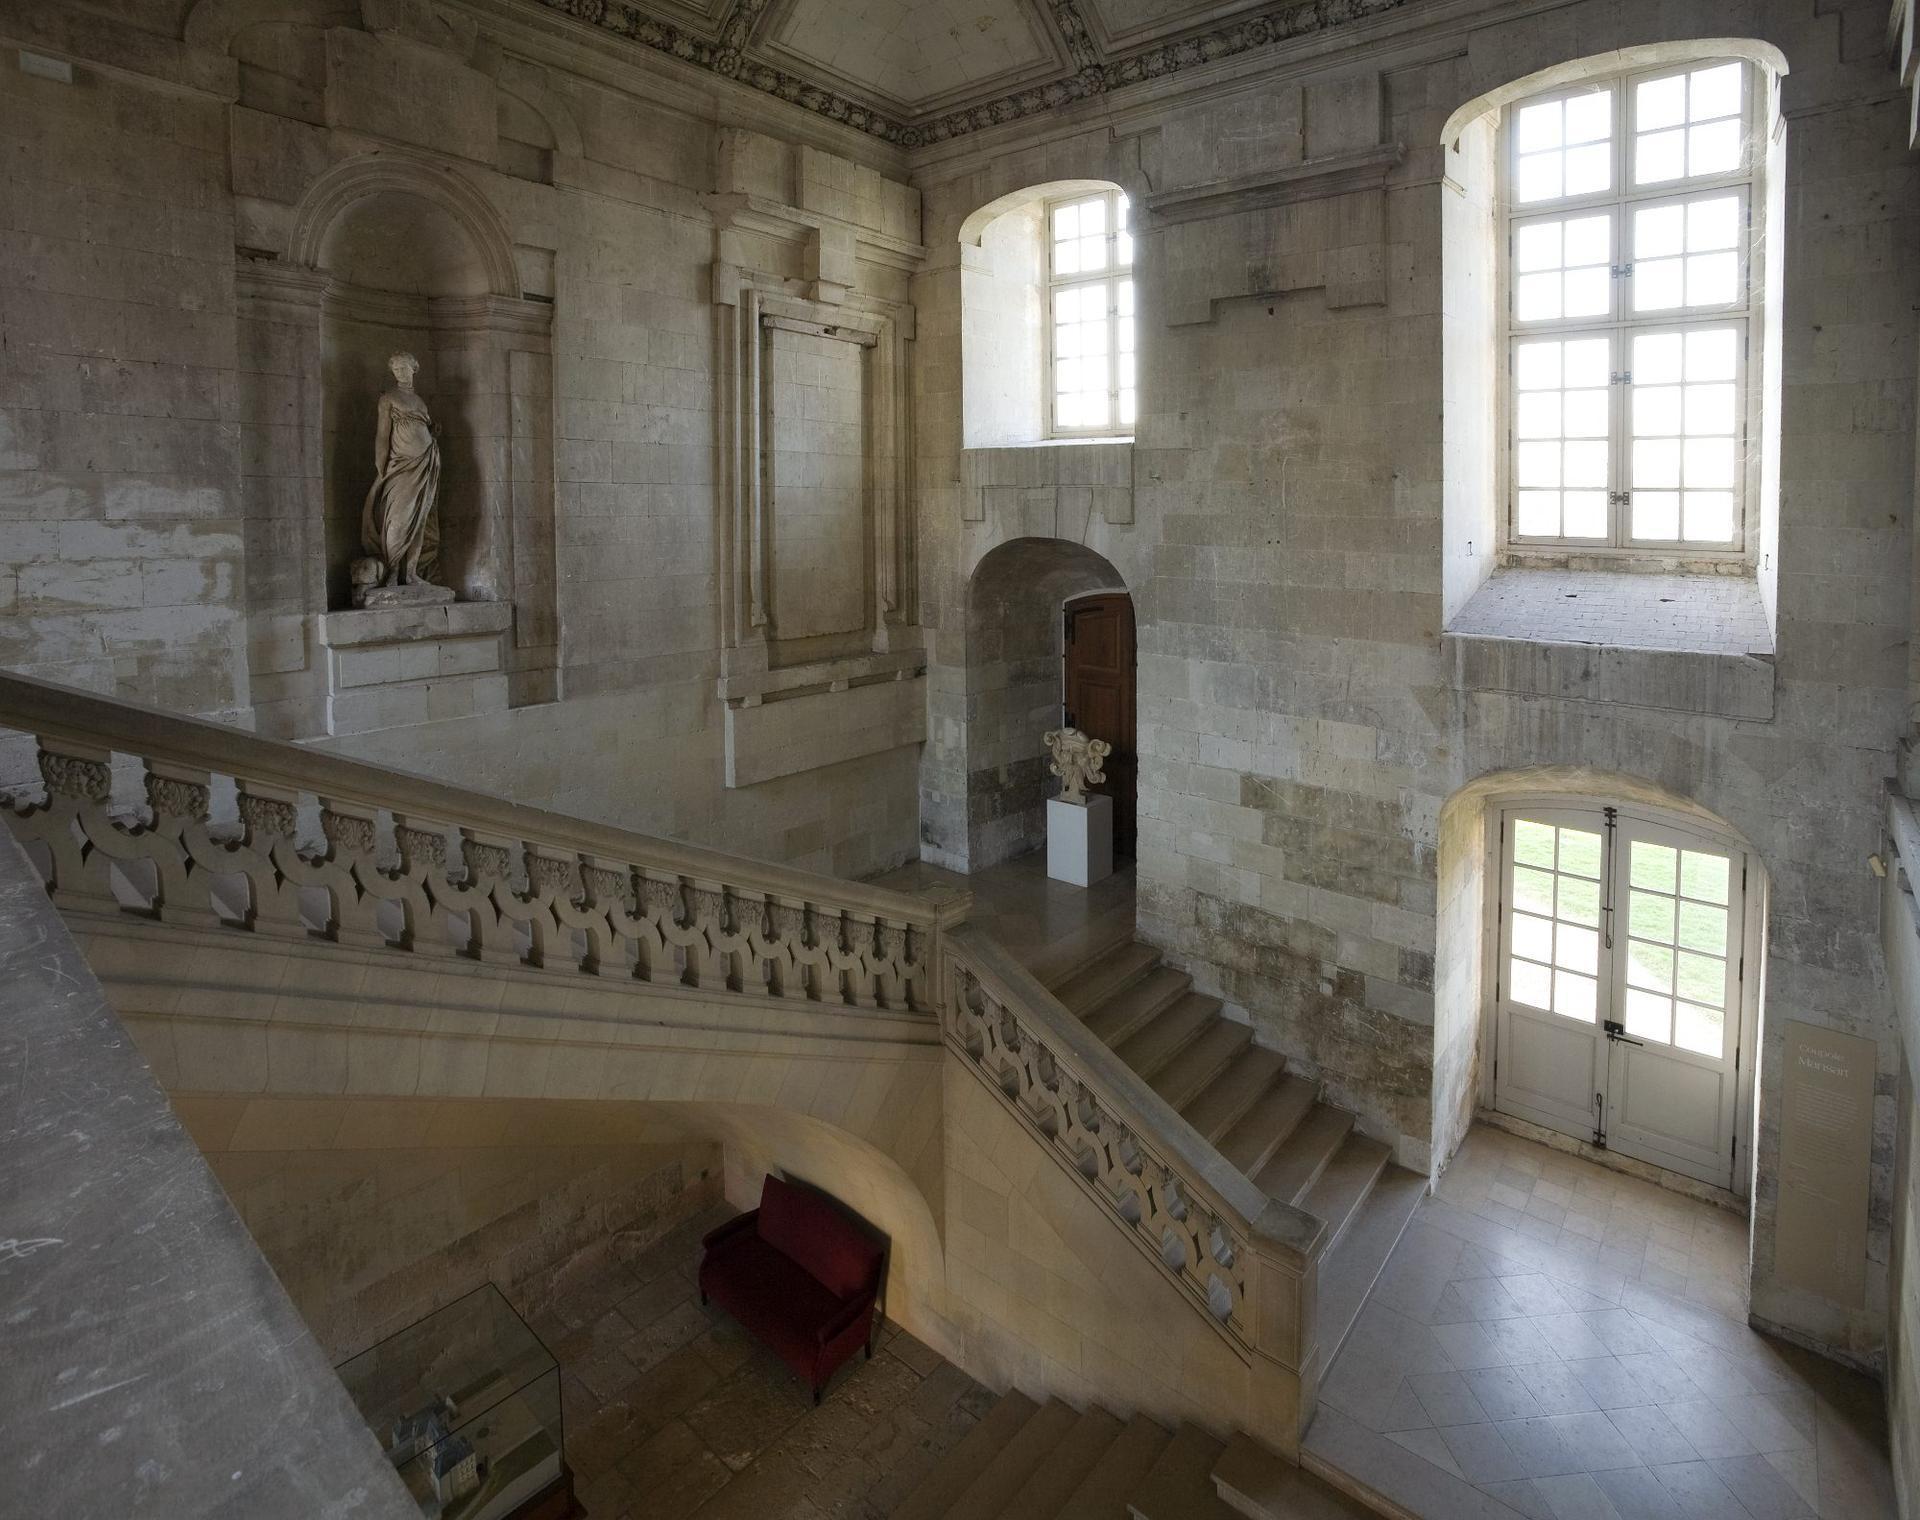 Les 4 styles ch teau royal de blois for Scene d interieur blois